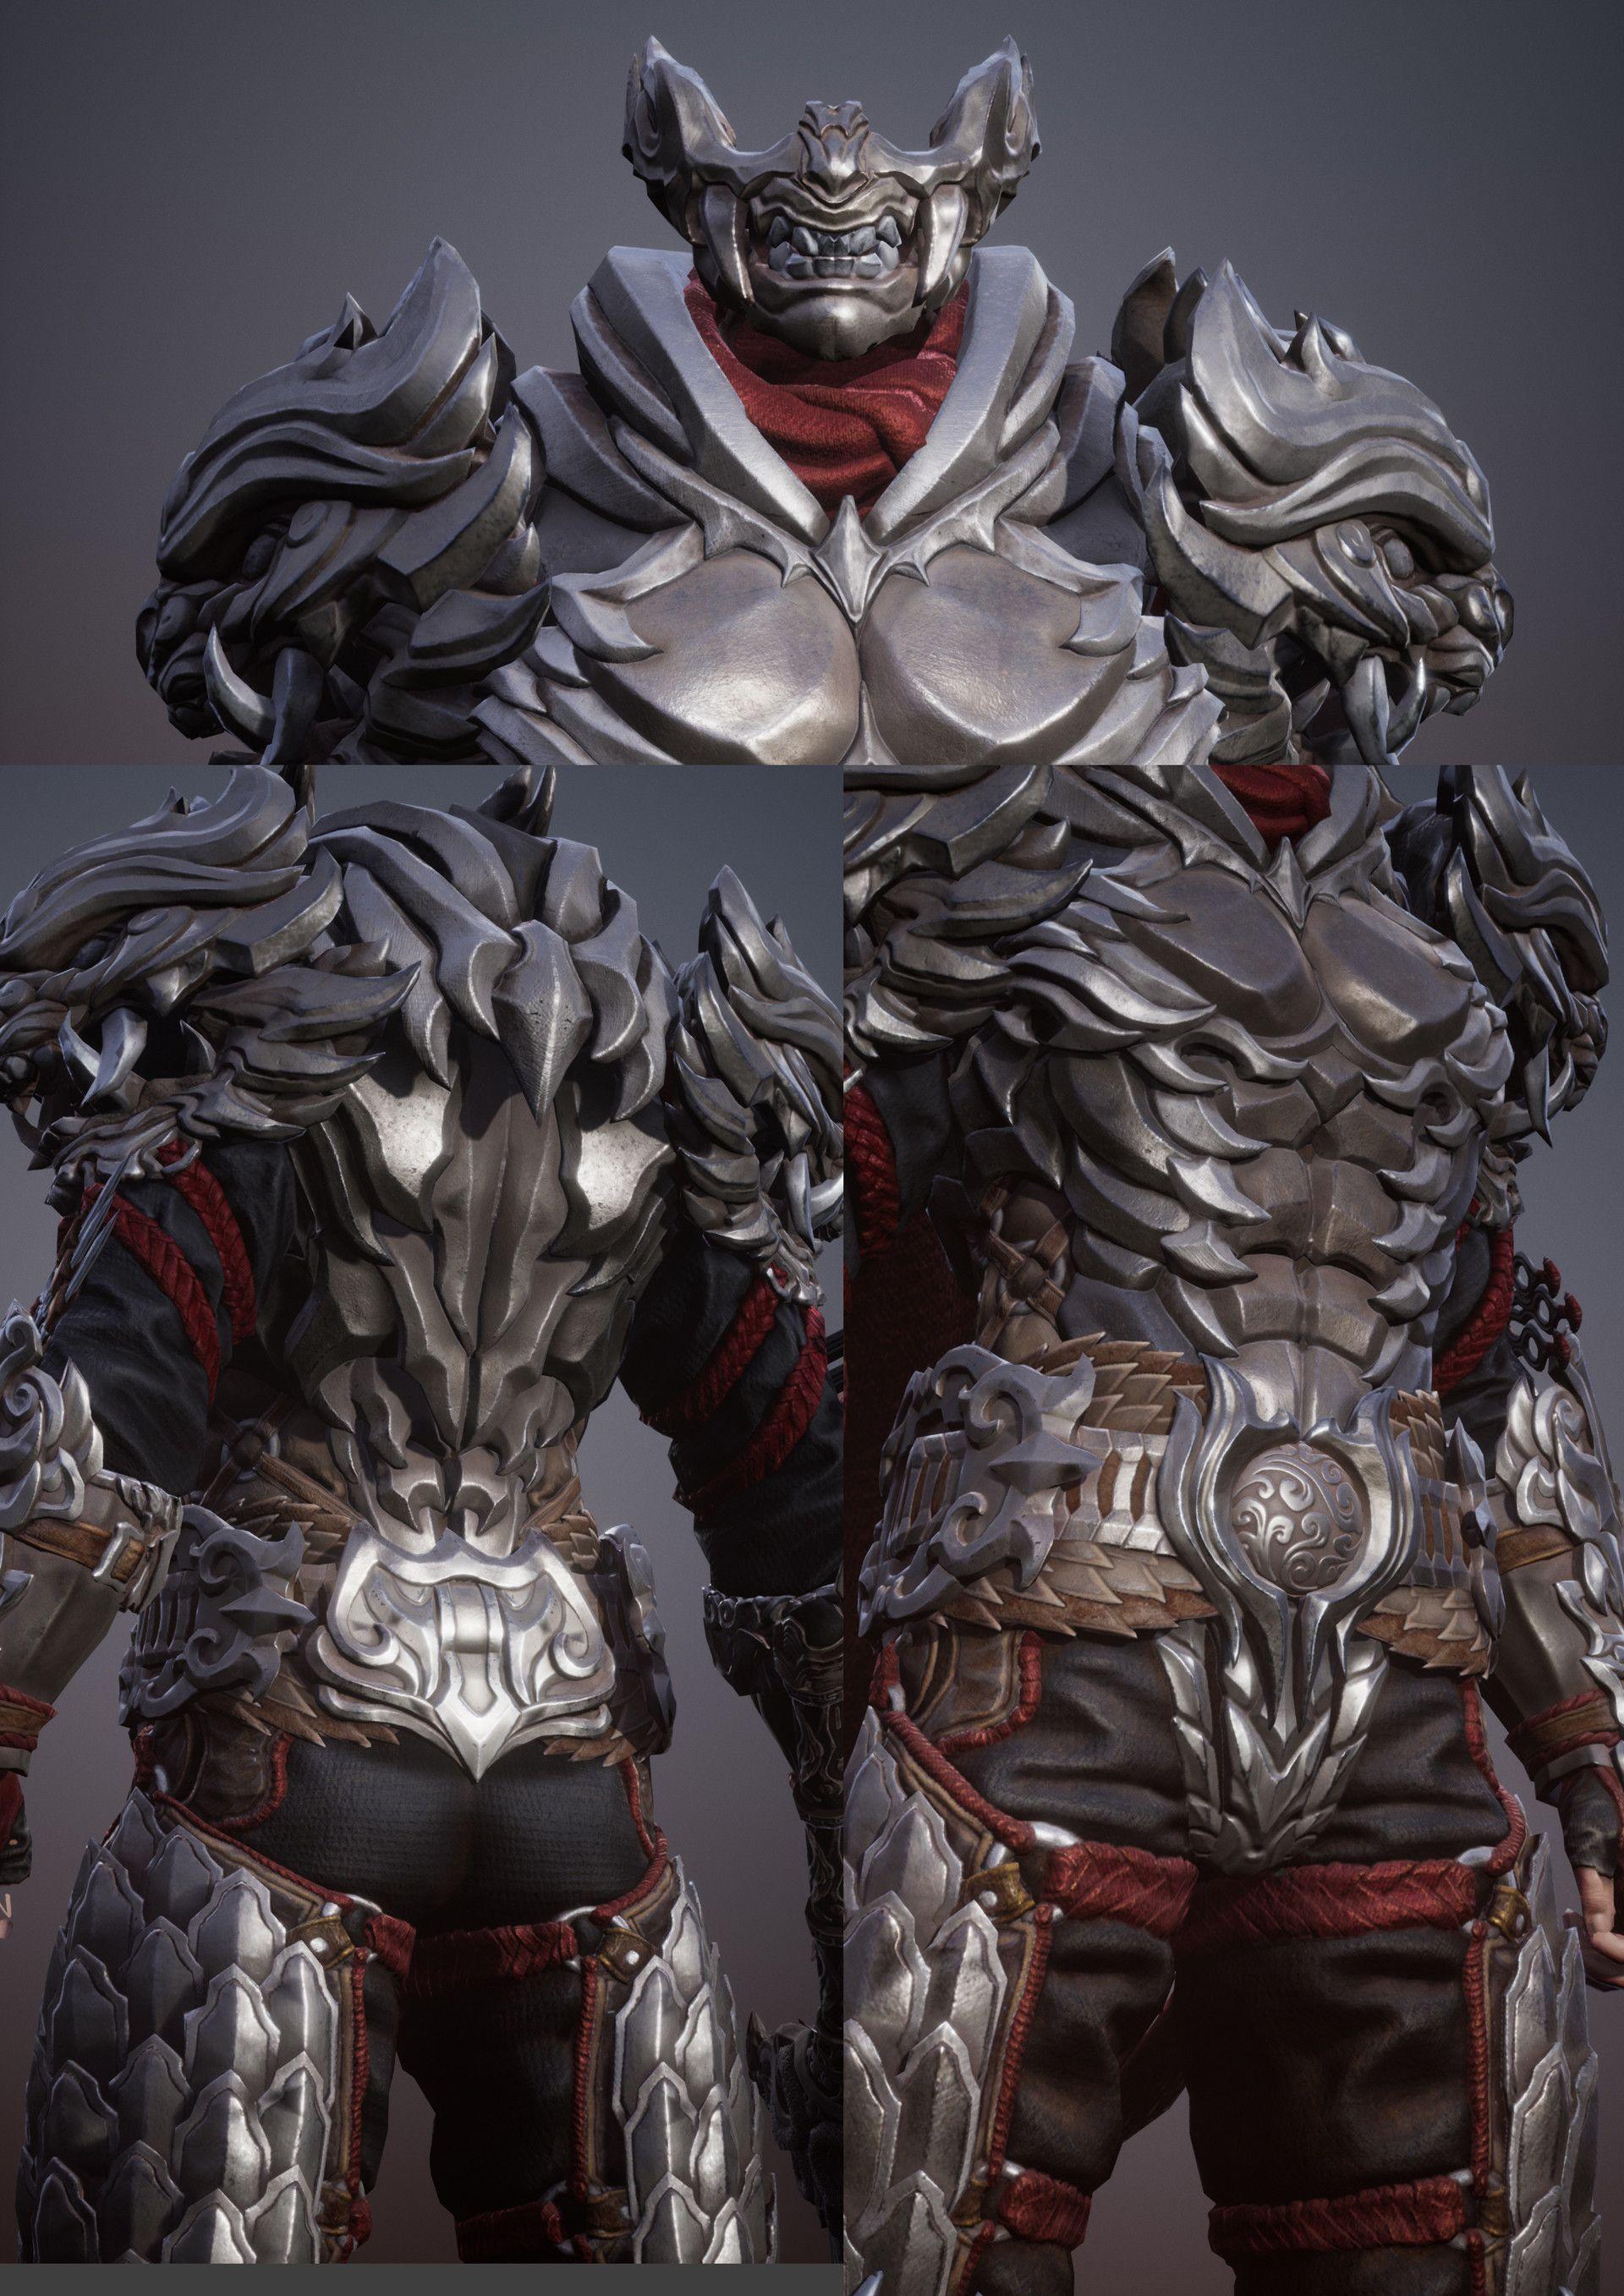 Artstation Dragon Armor Fang Woo Fantasy Armor Armor Concept Dragon Armor Yoshitaka amano concept art of the magitek armor for the main logo of final. artstation dragon armor fang woo